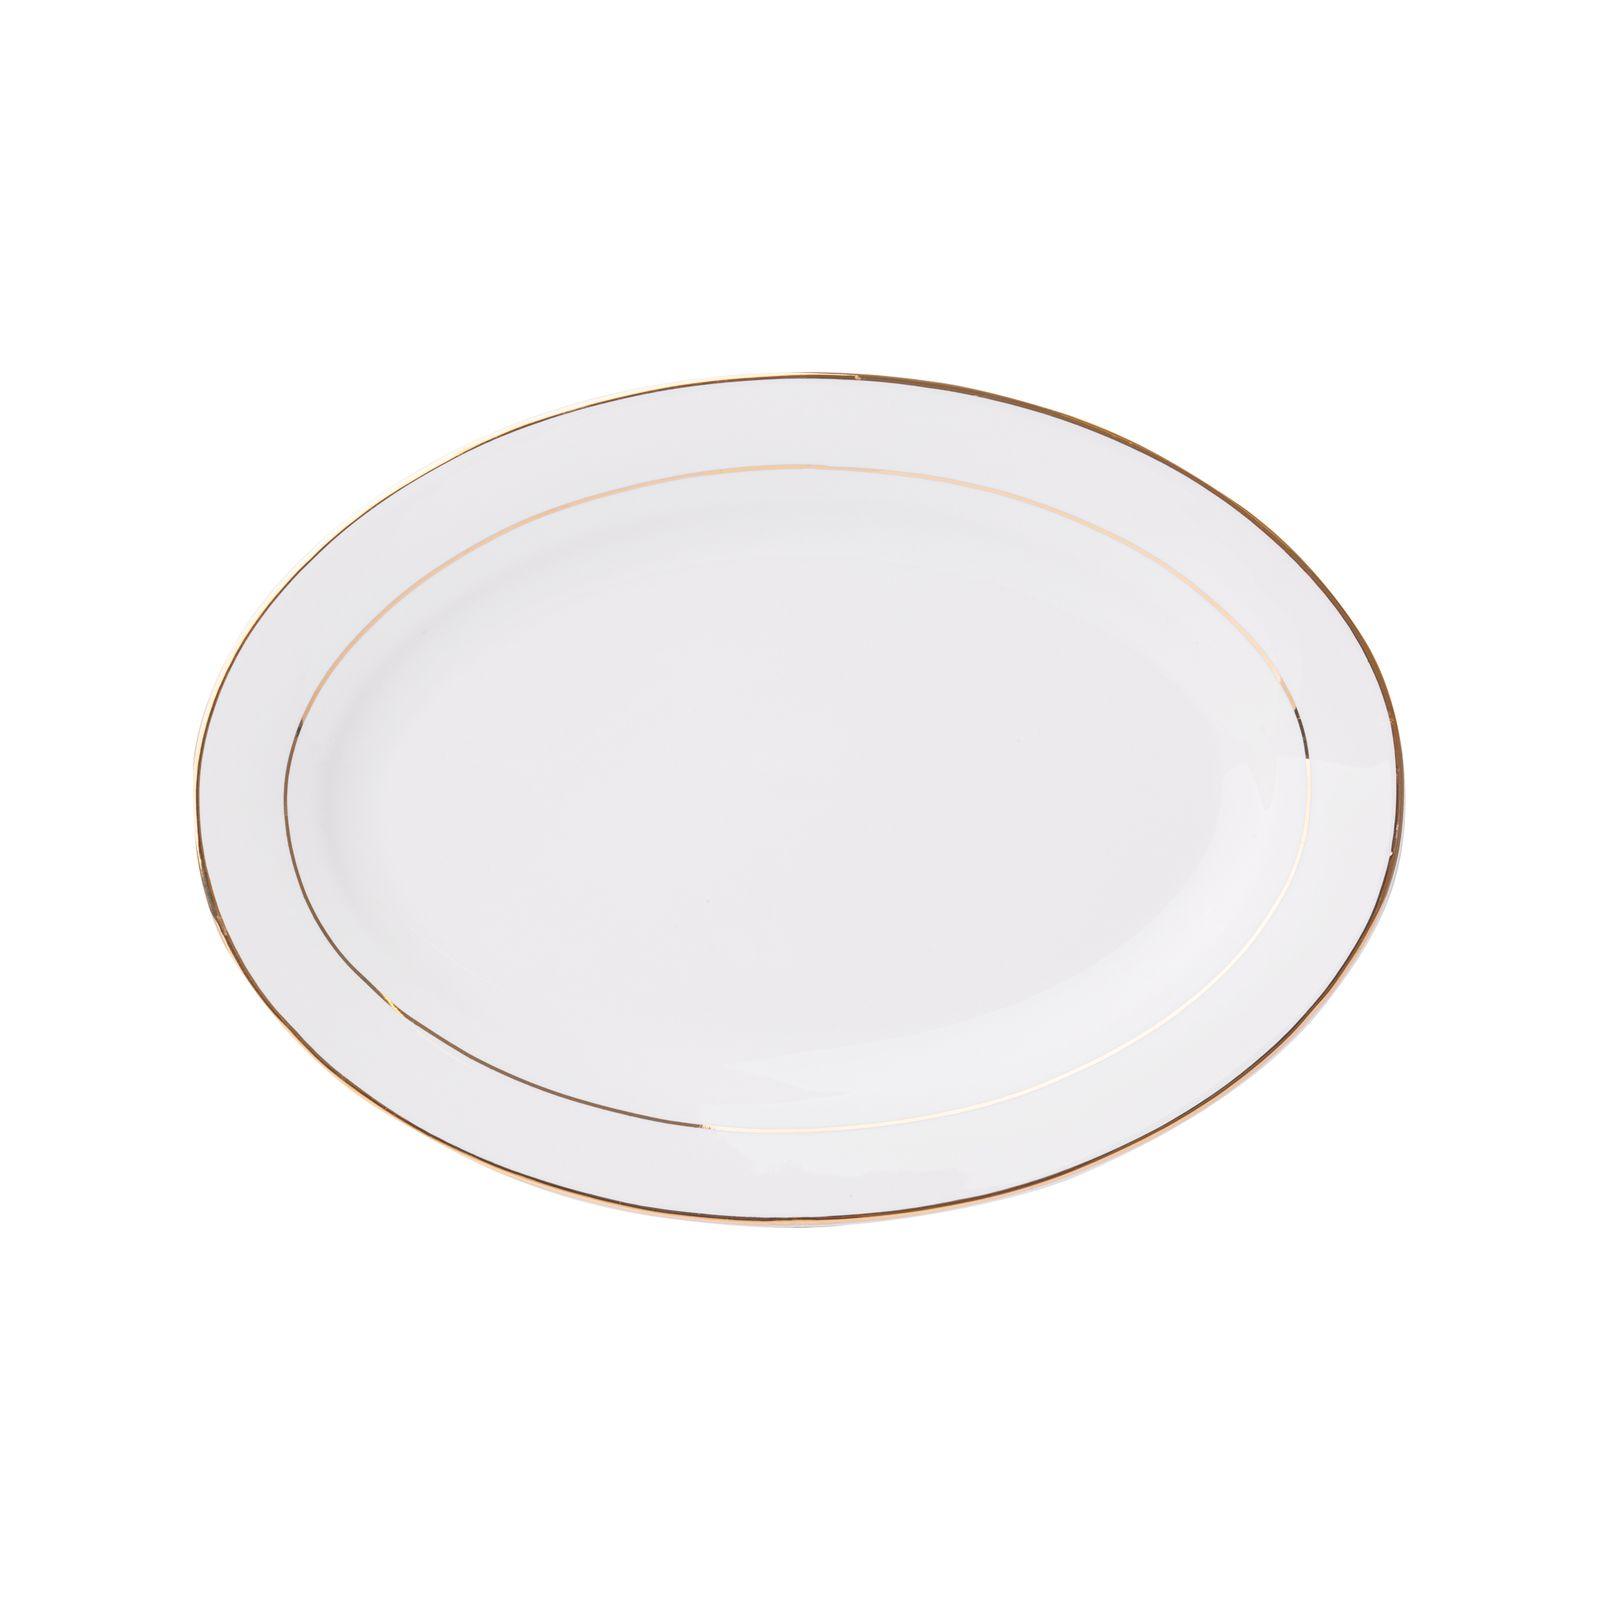 Plat de service ovale 30,5 cm Aura Gold AMBITION